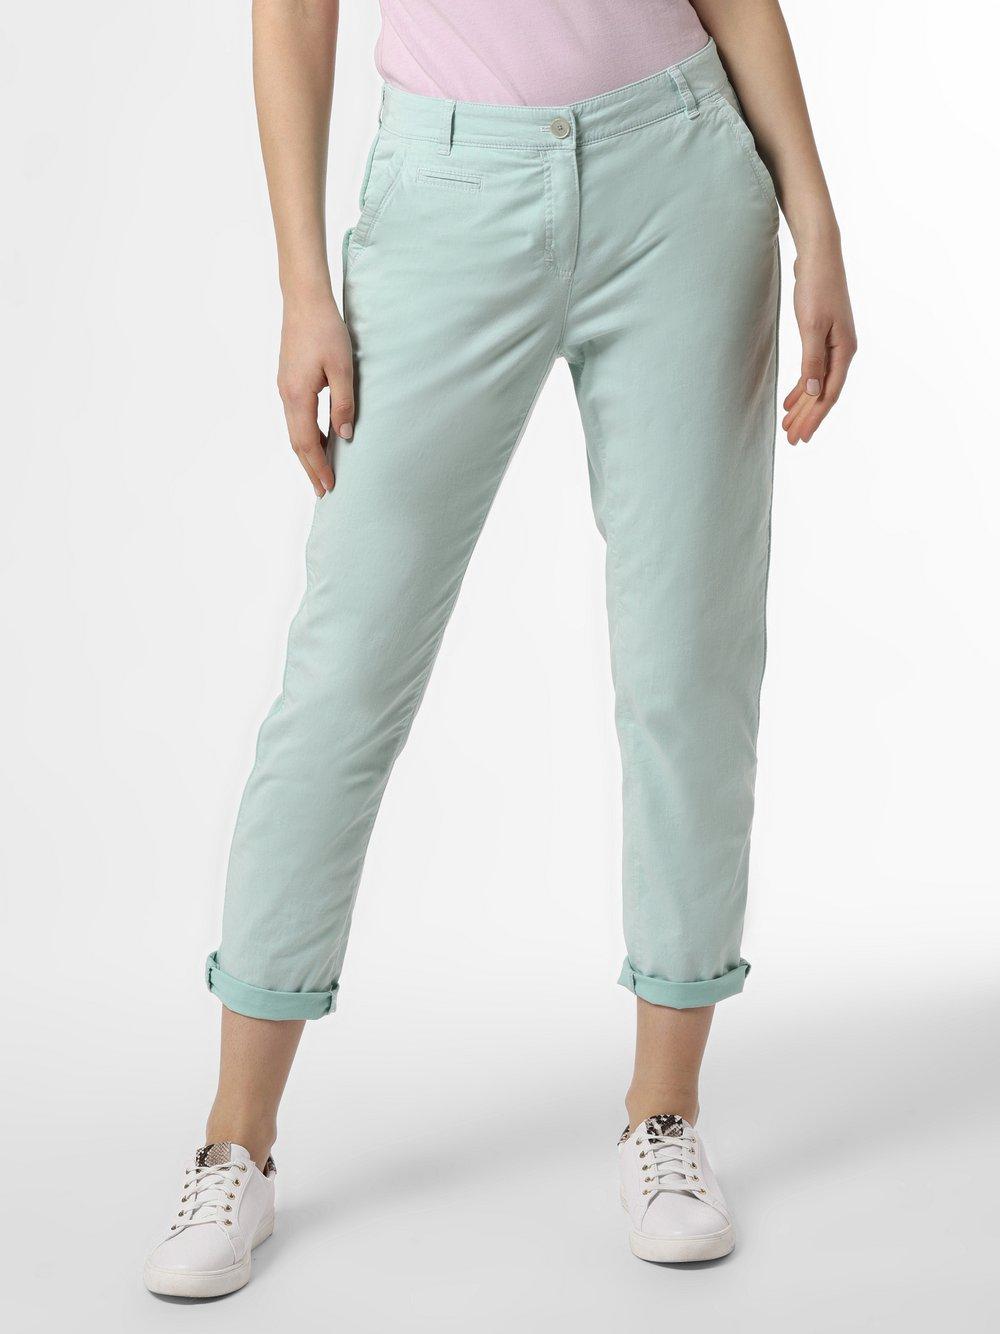 BRAX - Spodnie damskie – Rhonda S, zielony